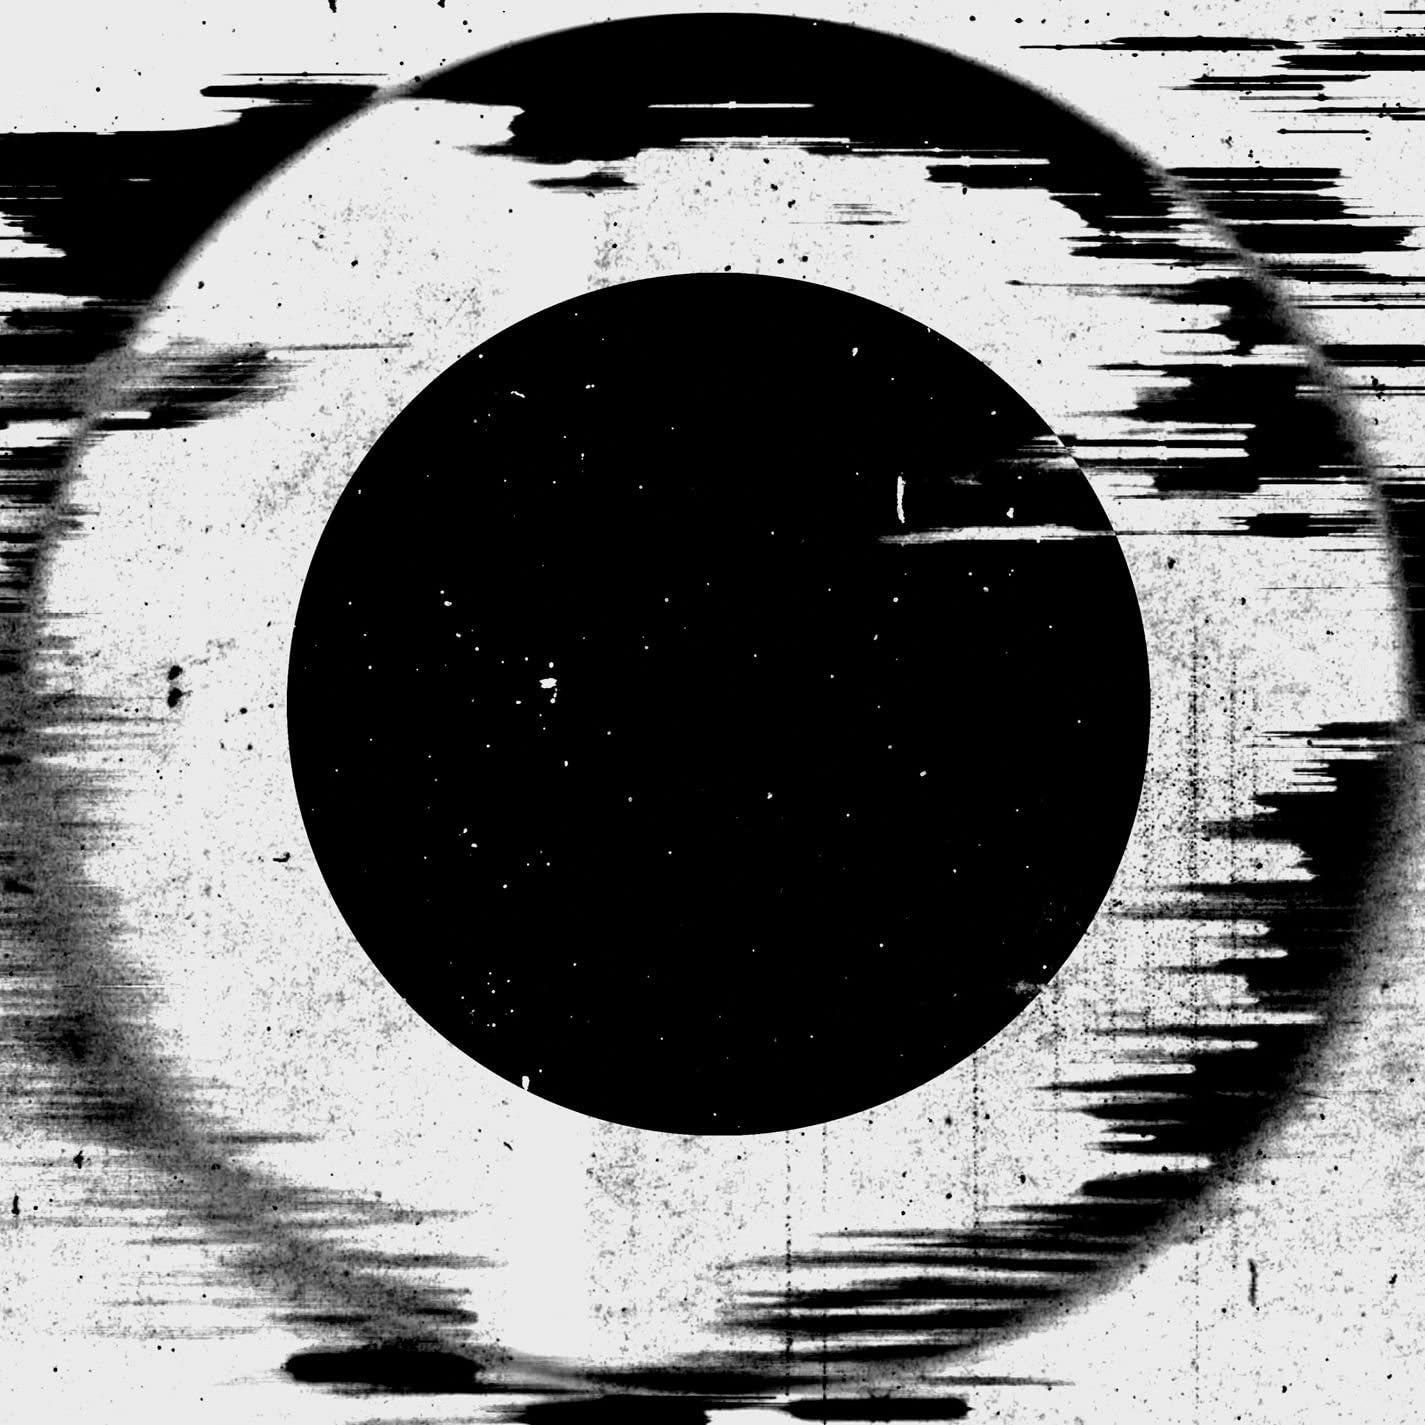 LINKIN PARK「The Catalyst」:連なり流れる言葉の群れが音を解放する_b0078188_21465927.jpg